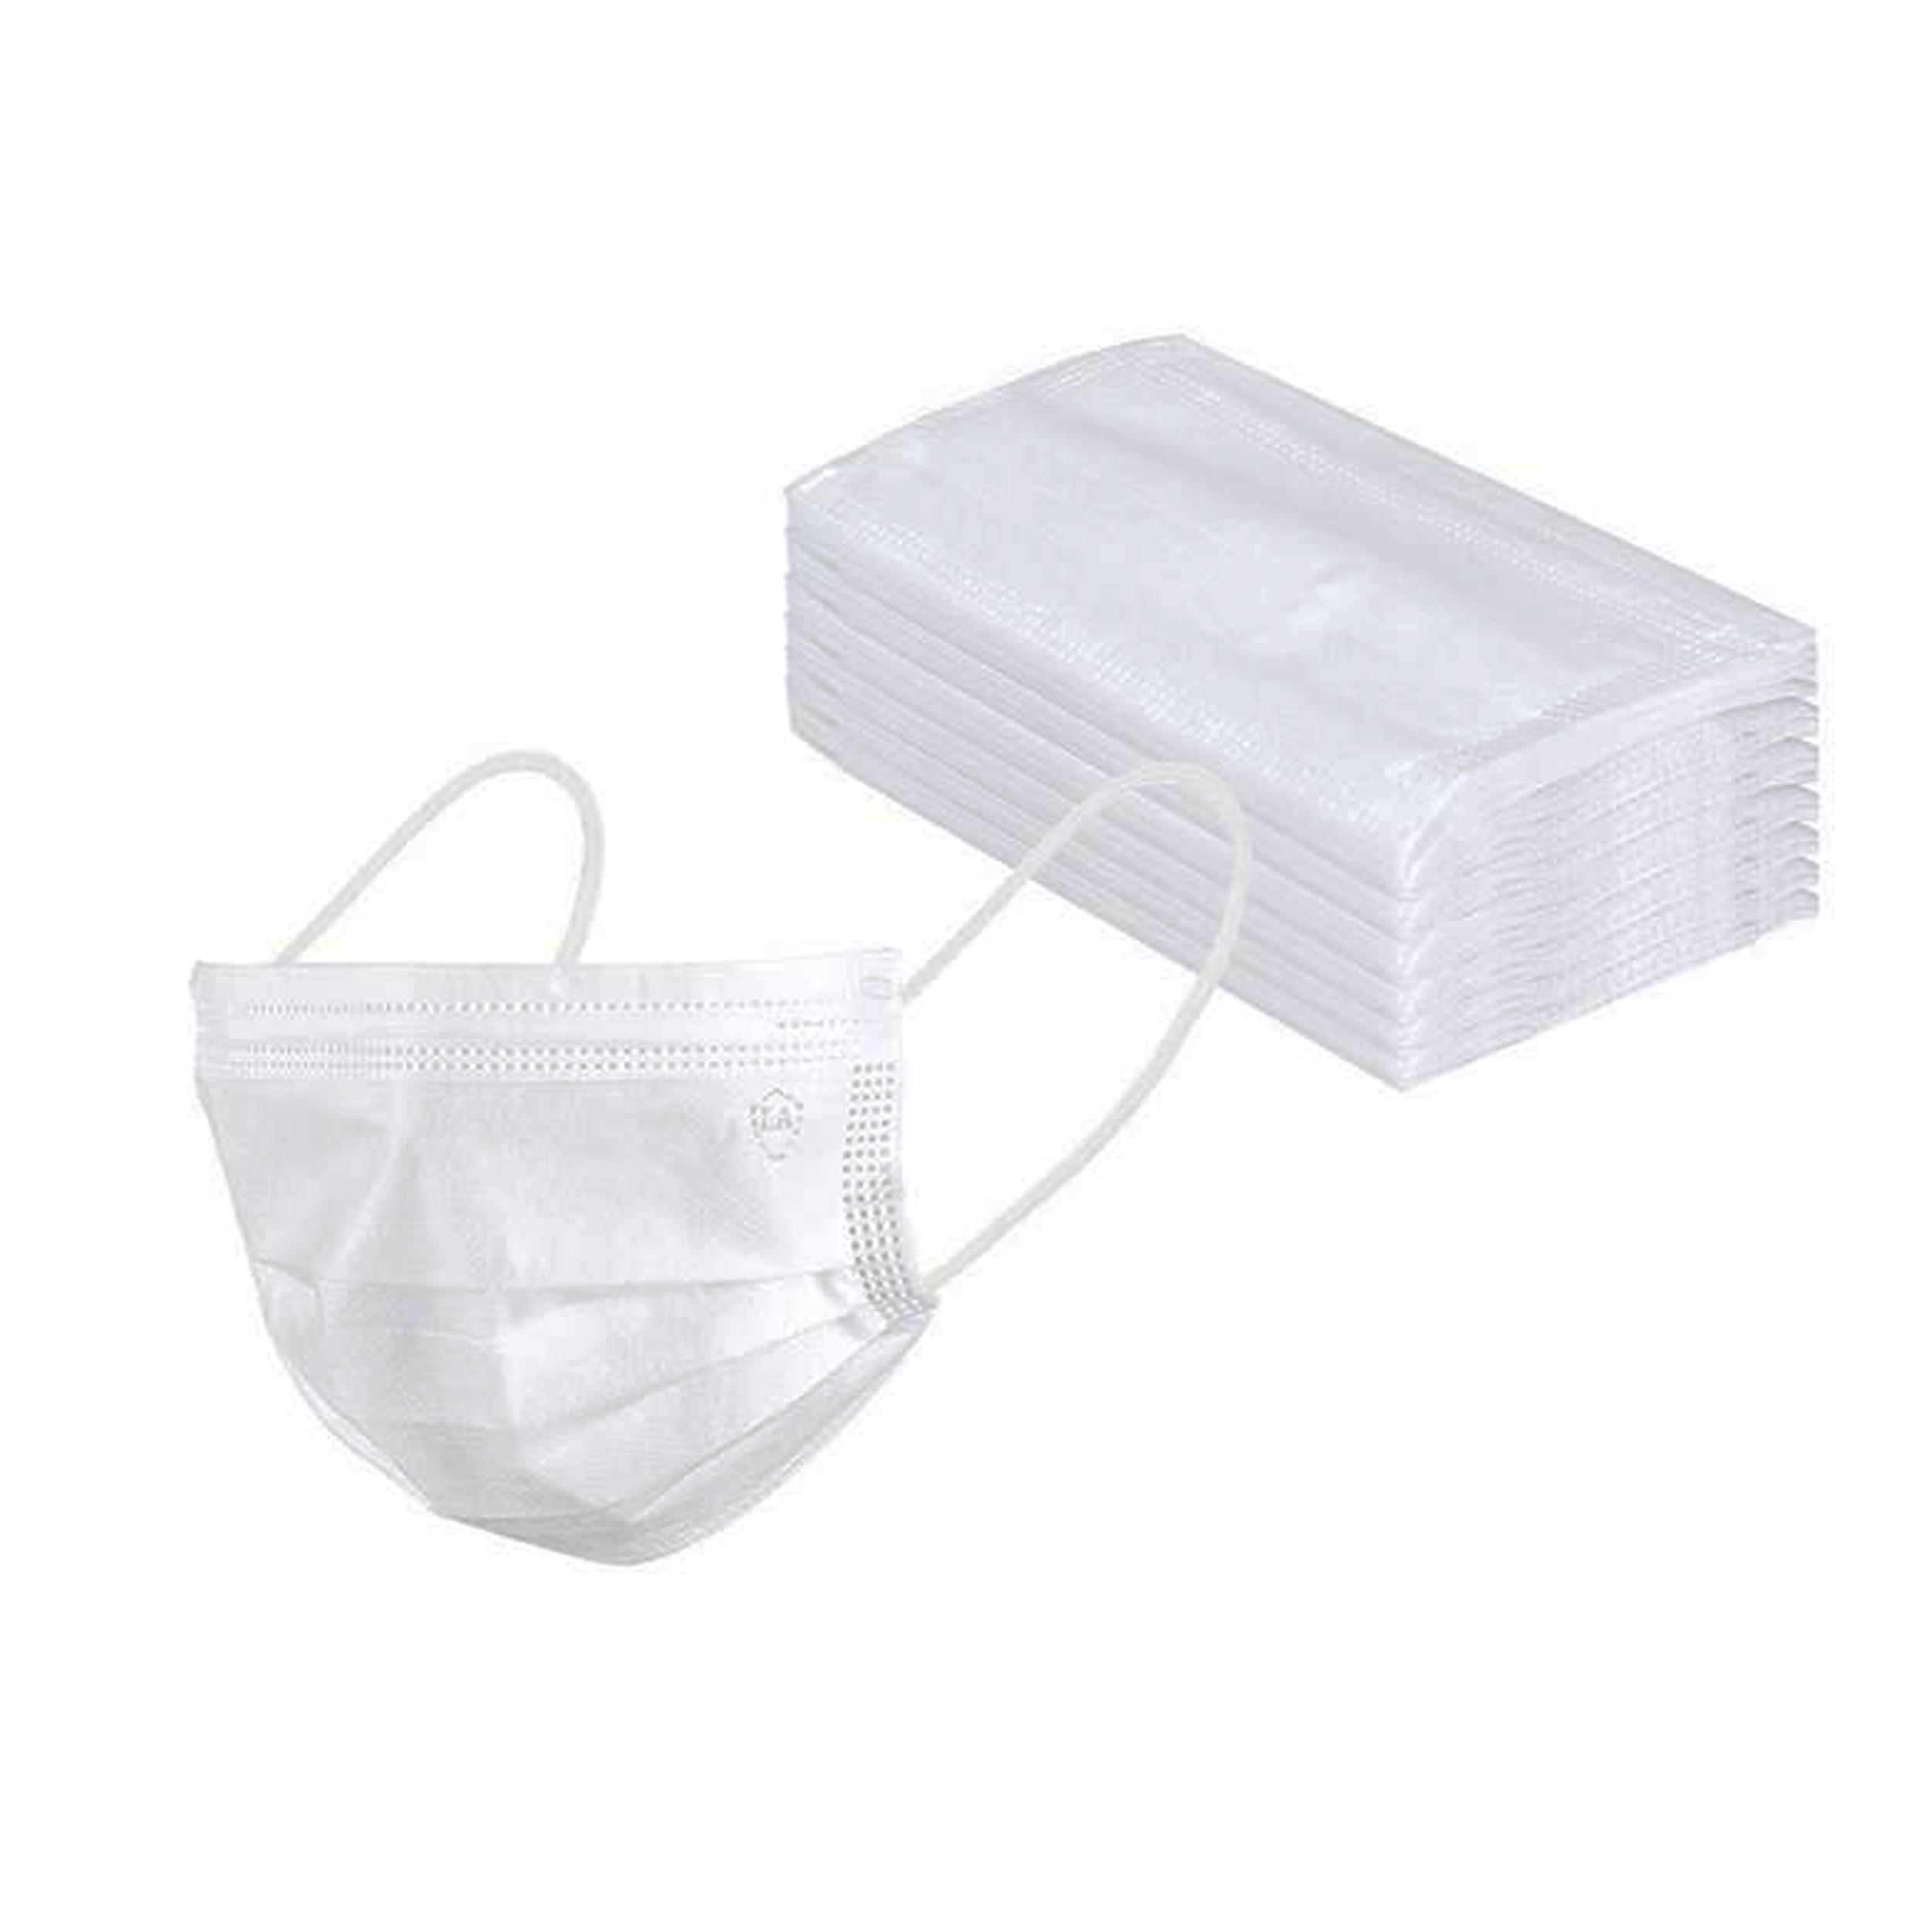 ماسک تنفسی مدل EEI010 بسته 10 عددی